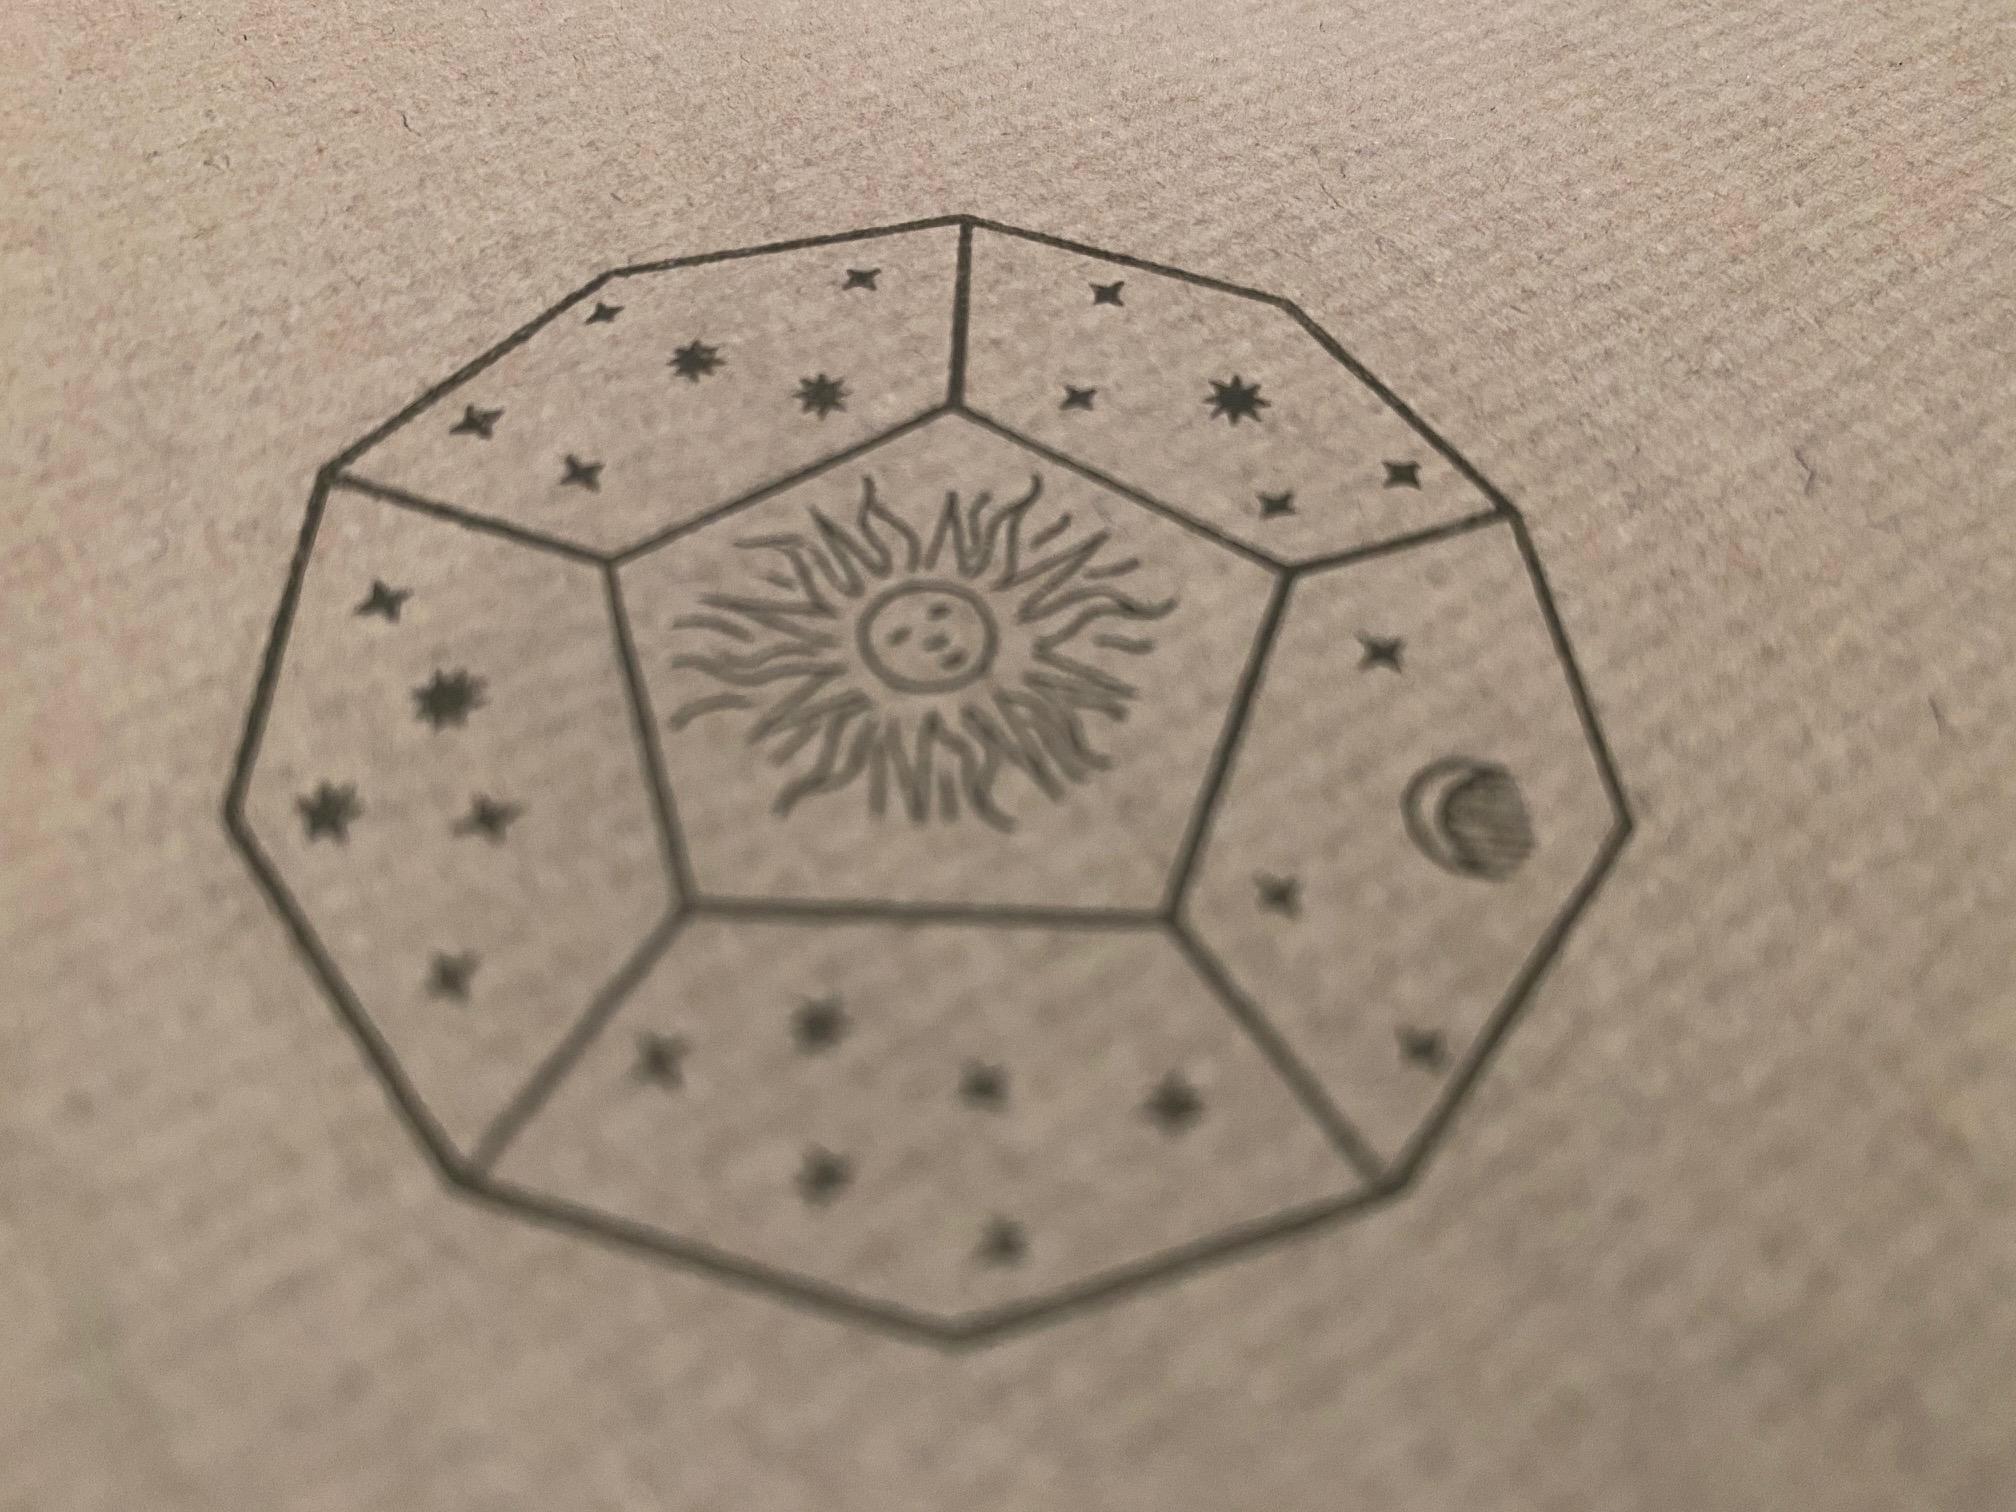 Je bekijkt nu Astronomia Nova – 1937 (1609)